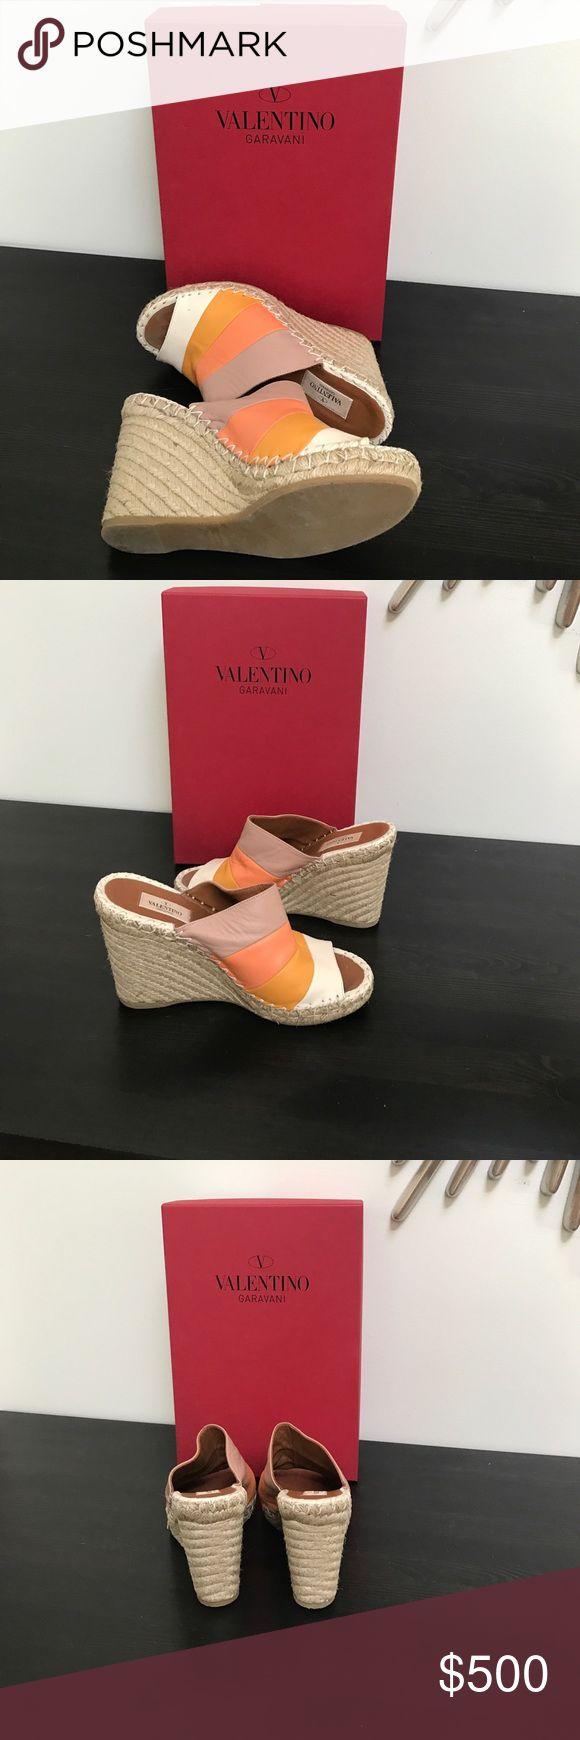 Worn once Valentino wedge sandals Stunning Worn once Valentino wedge sandals Valentino Shoes Wedges